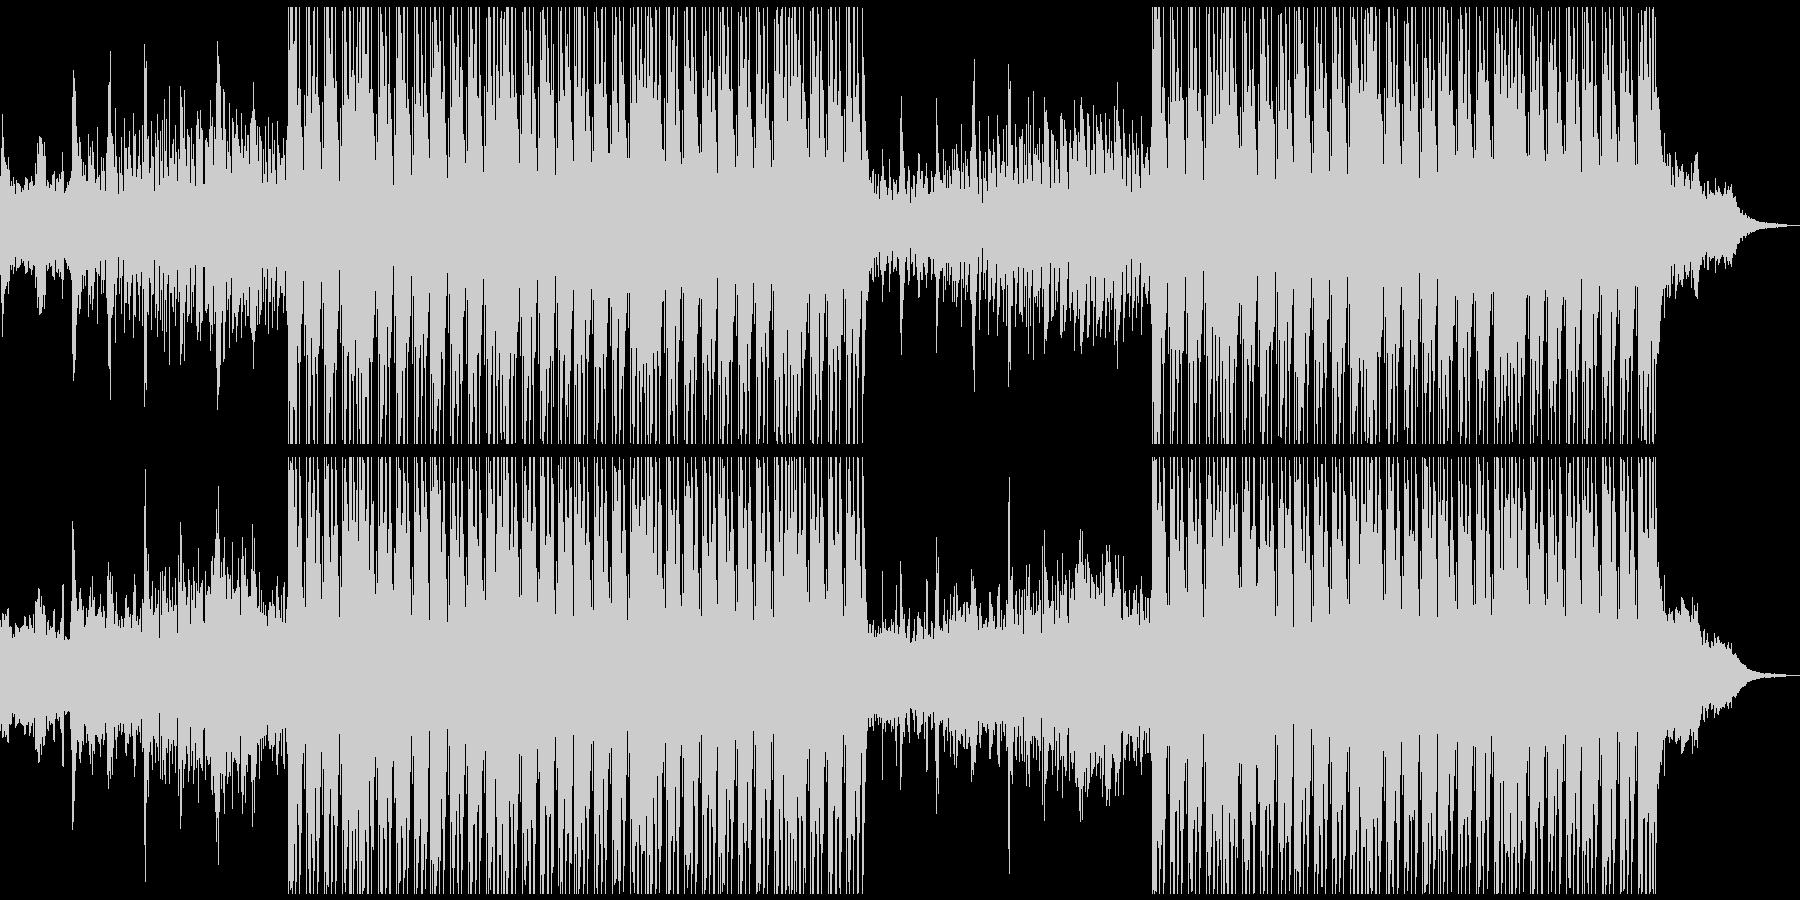 少し未来的で神秘的な電子系ミュージックの未再生の波形